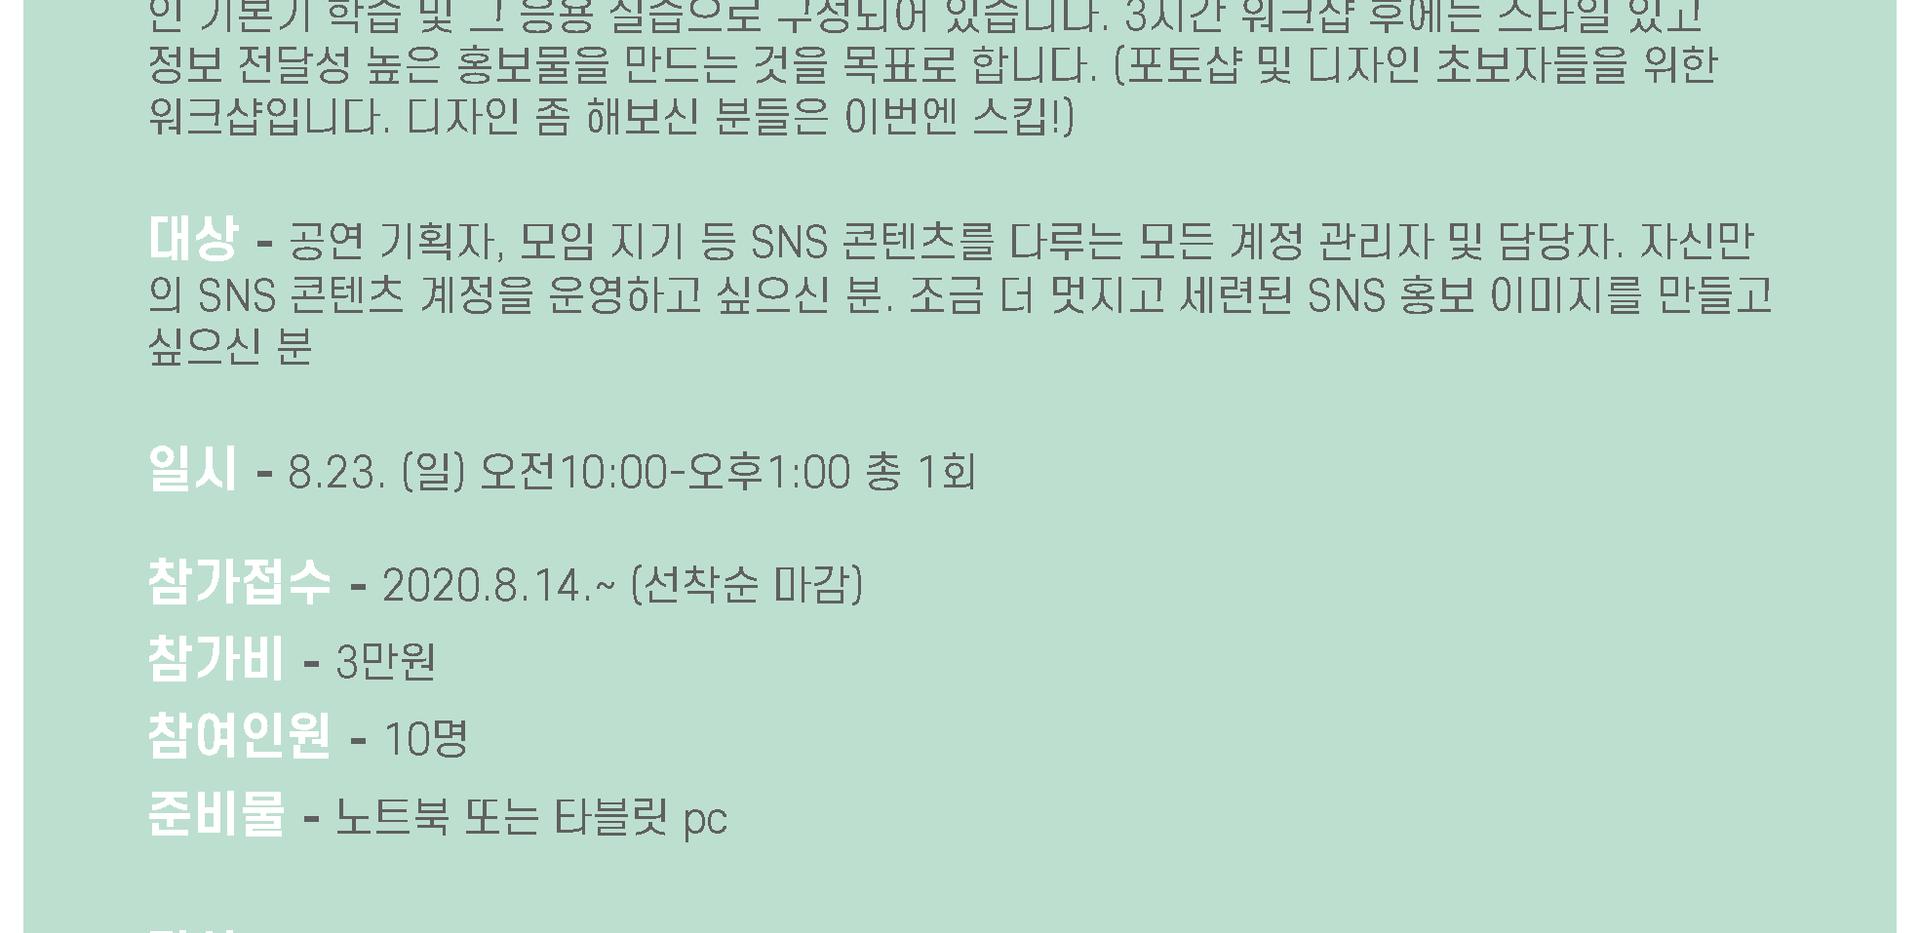 을지아트쌀롱_SNS 홍보디자인 세미나 워크샵